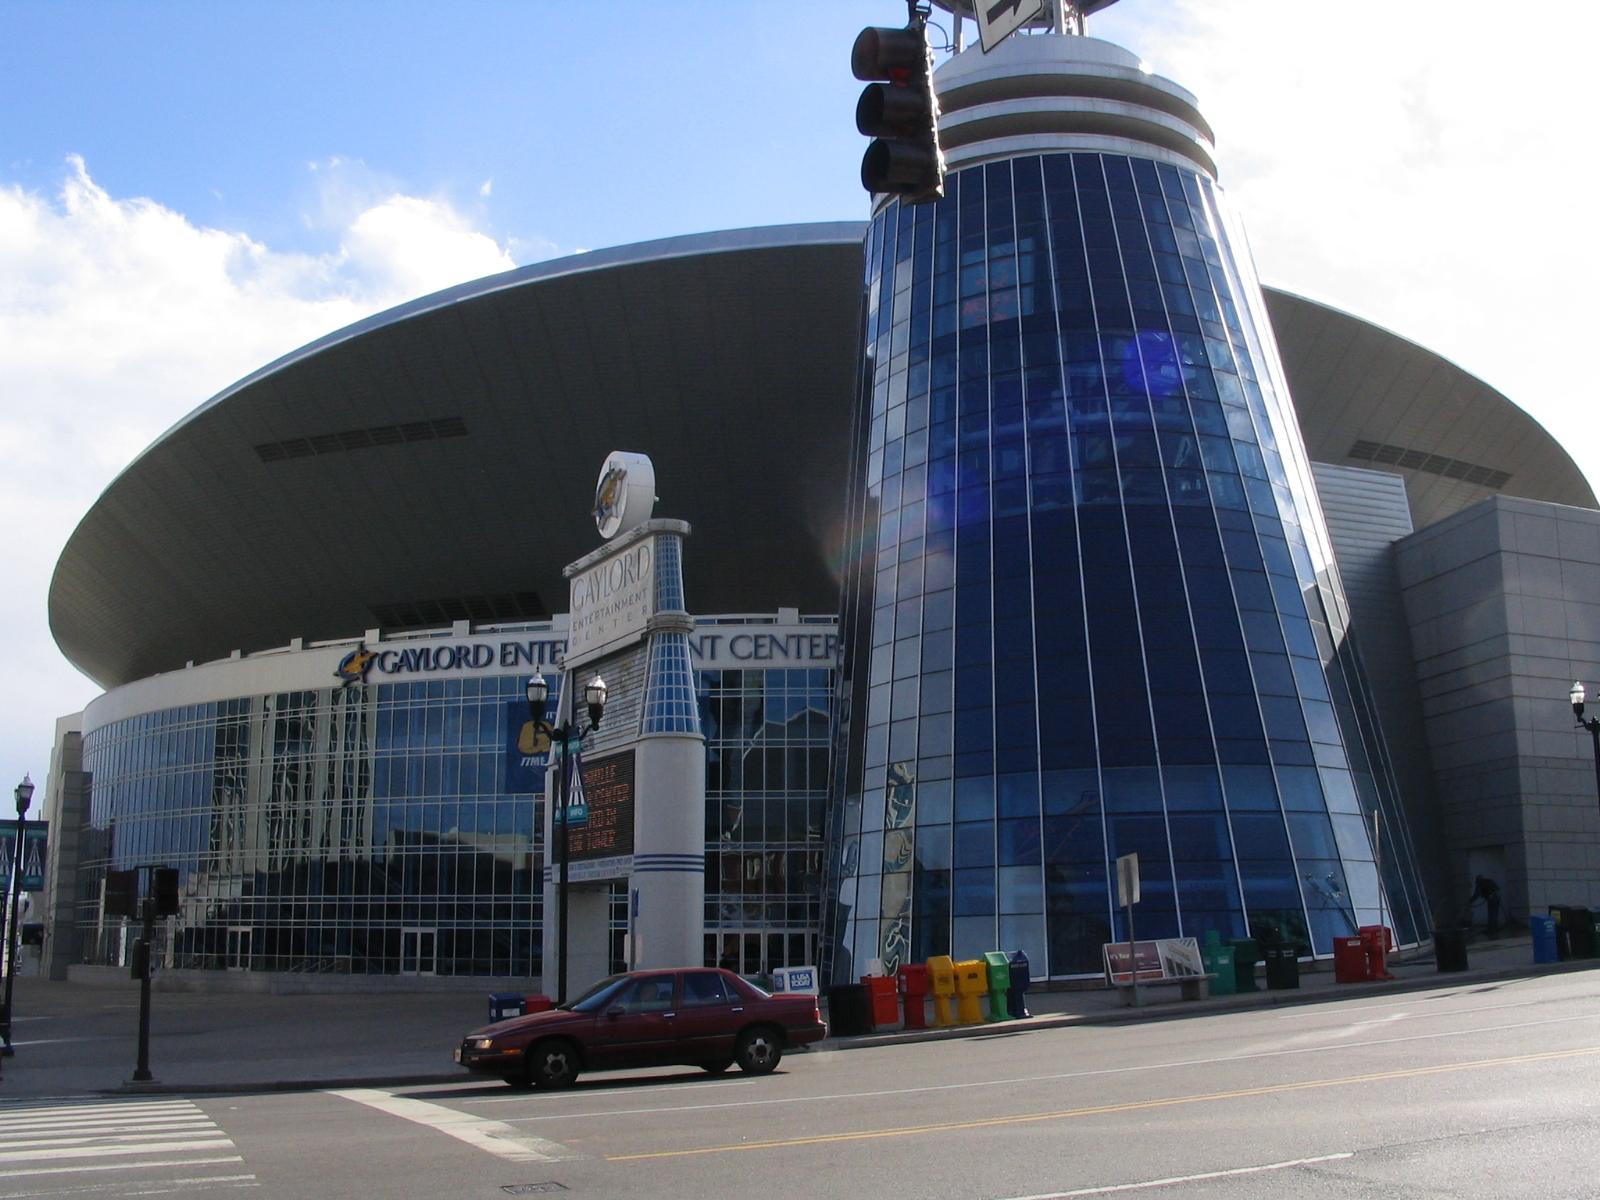 Nashville Convention Center Hotel